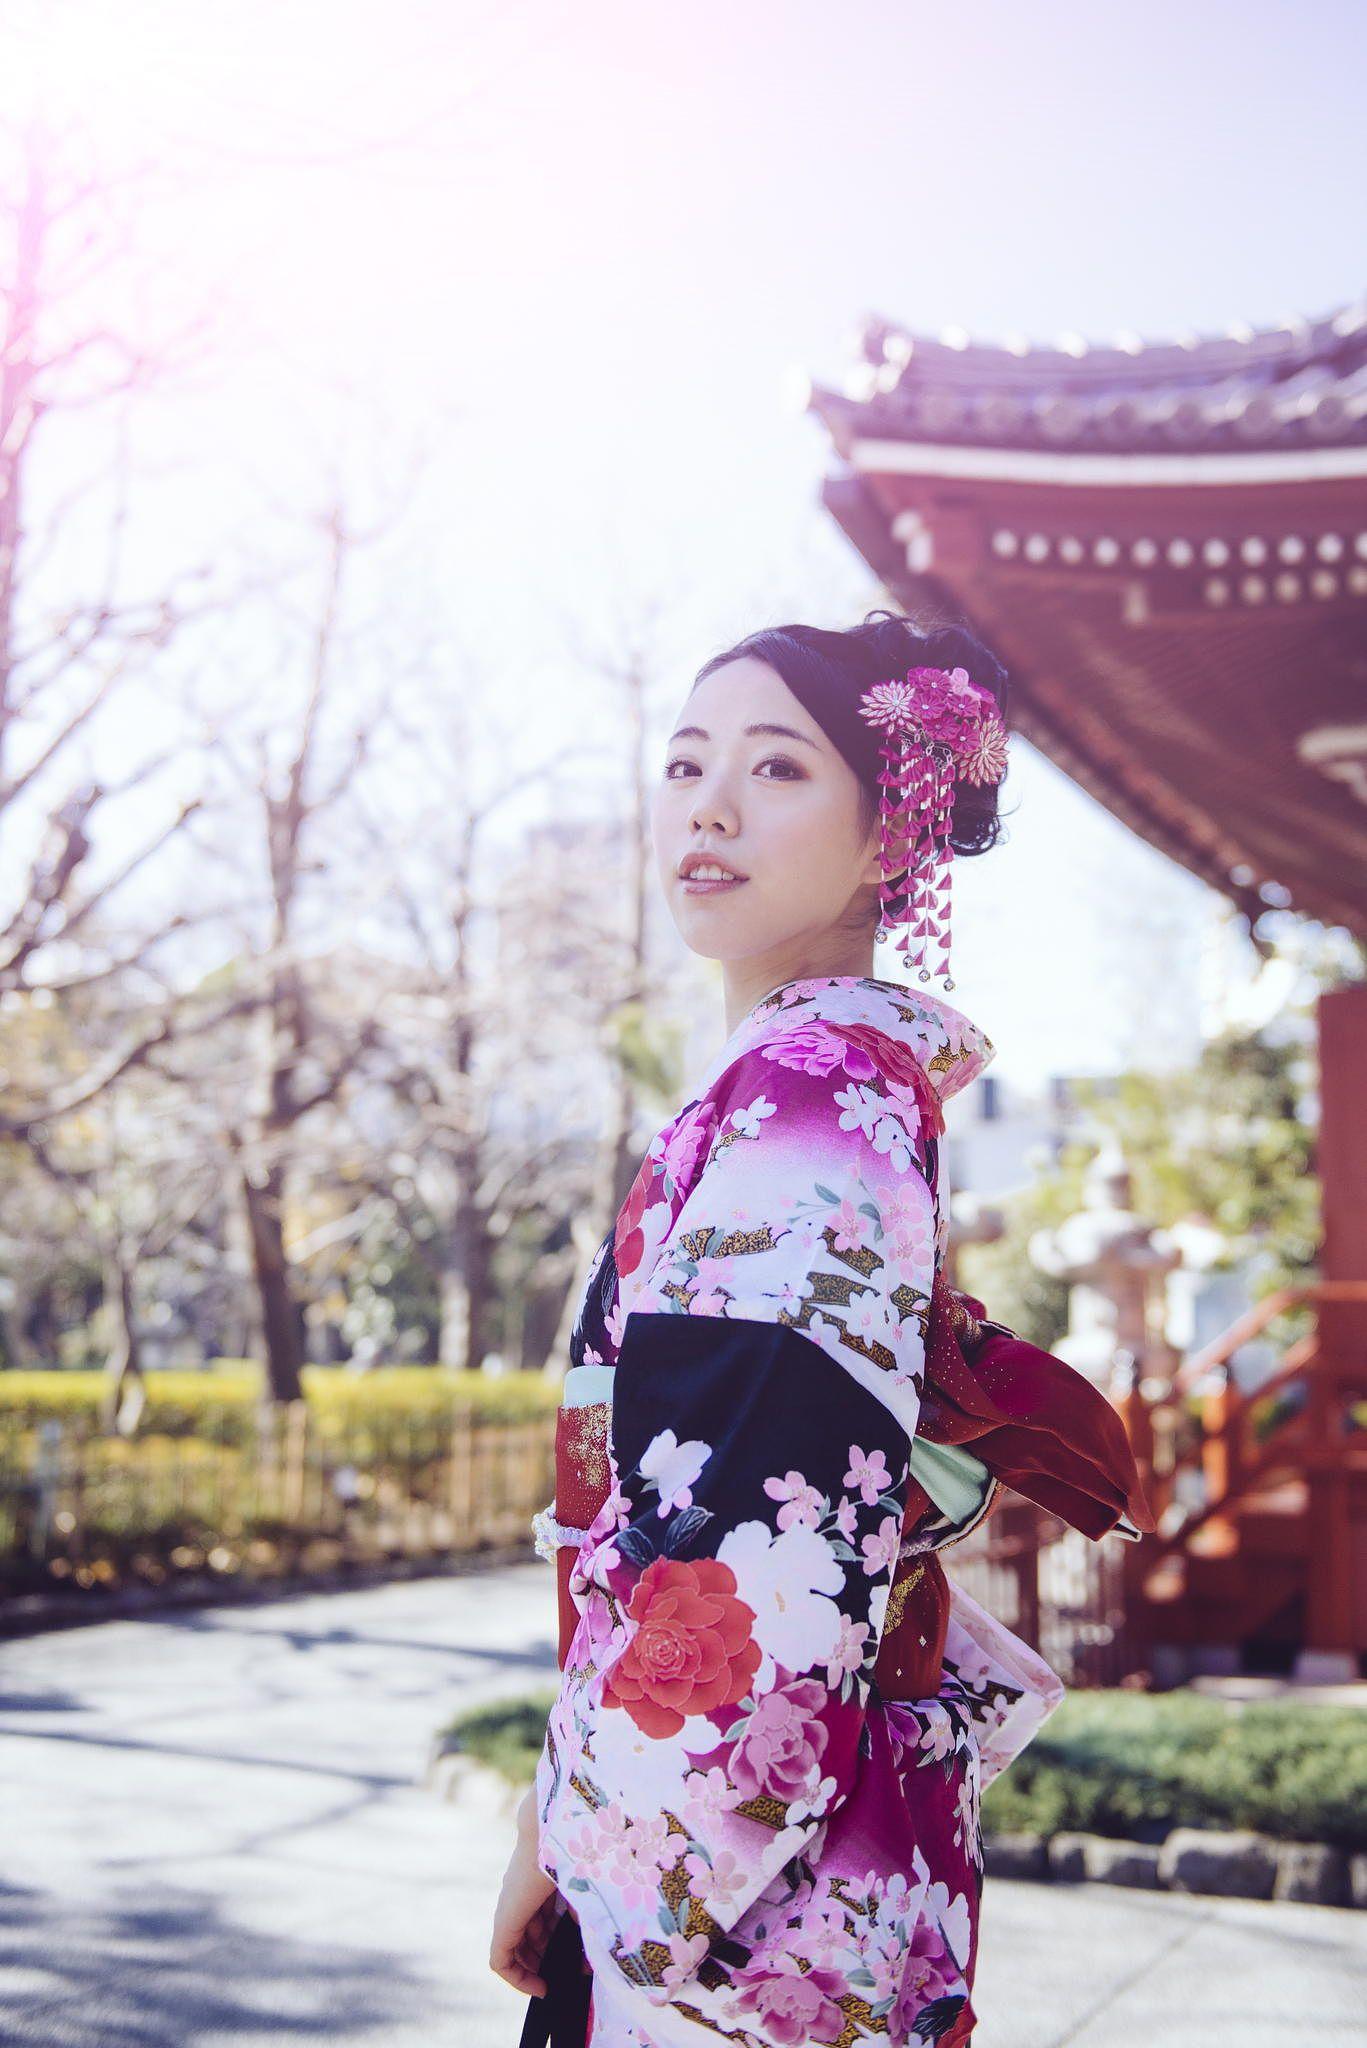 和服.淺草 by Daniel Coloane on 500px   Inspiration. Photo. Japan